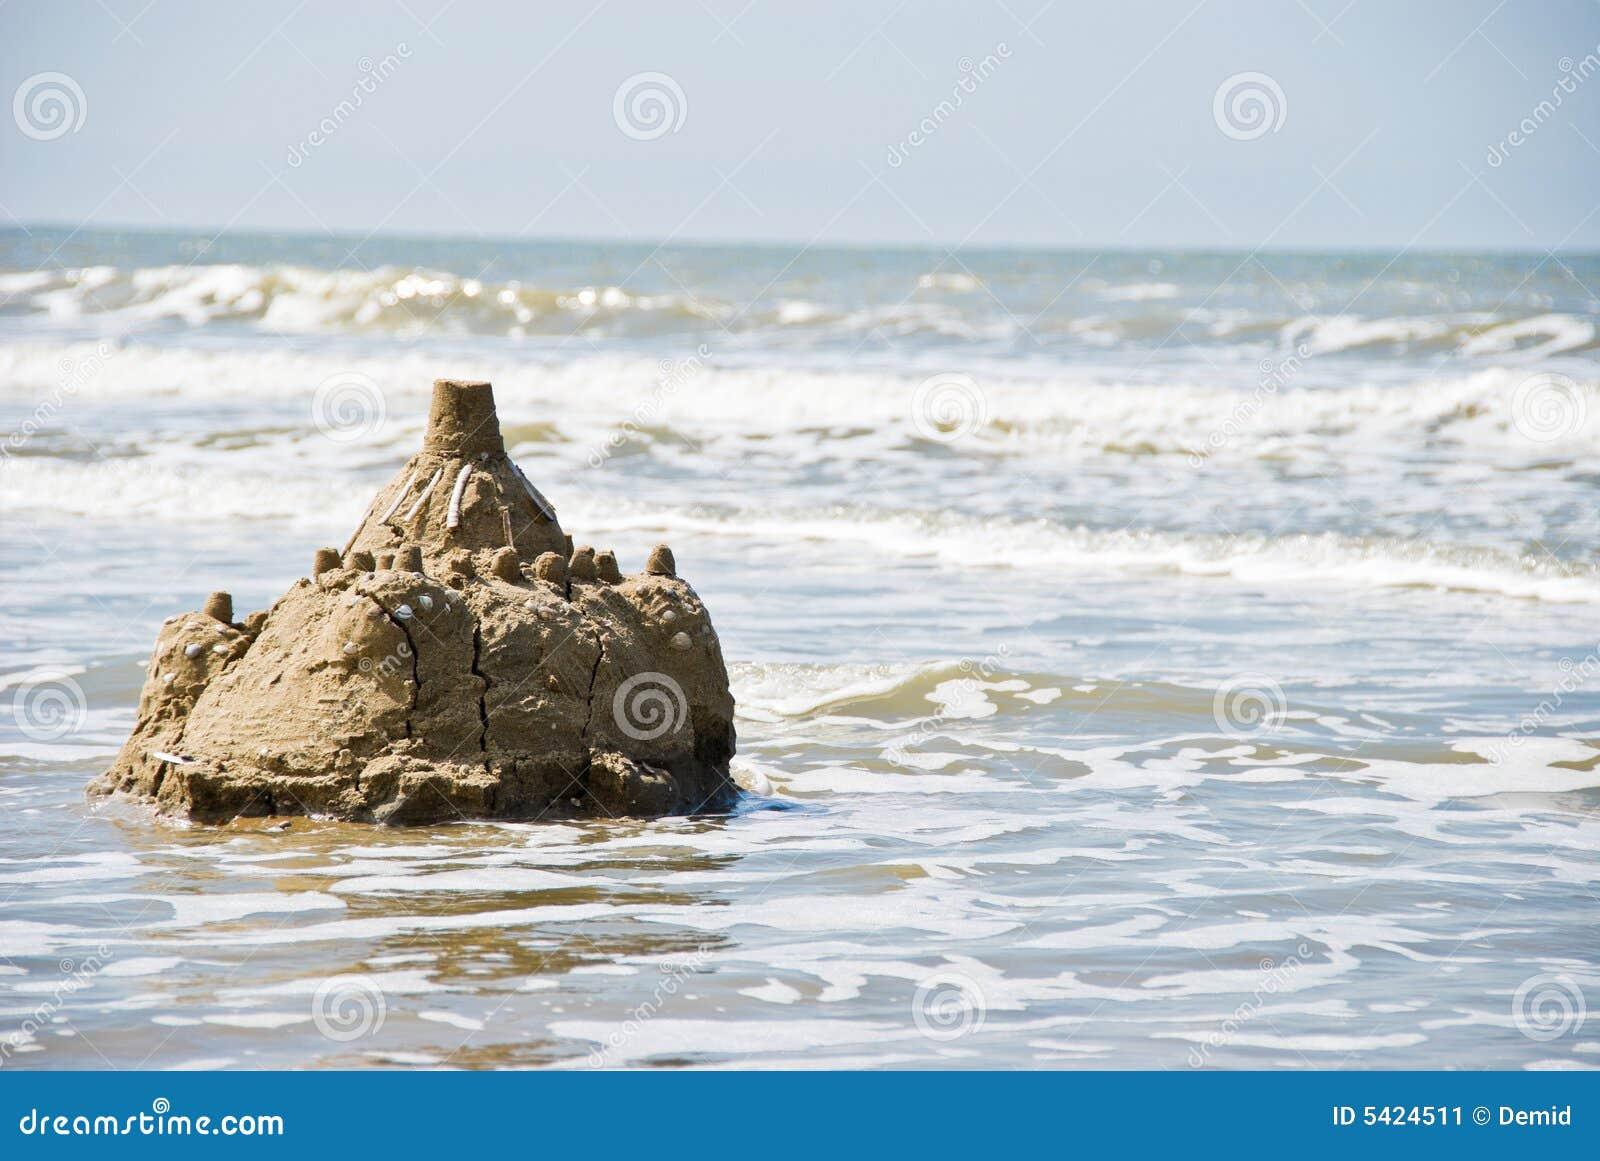 Castillo de arena en la playa imagen de archivo imagen for Arena de playa precio